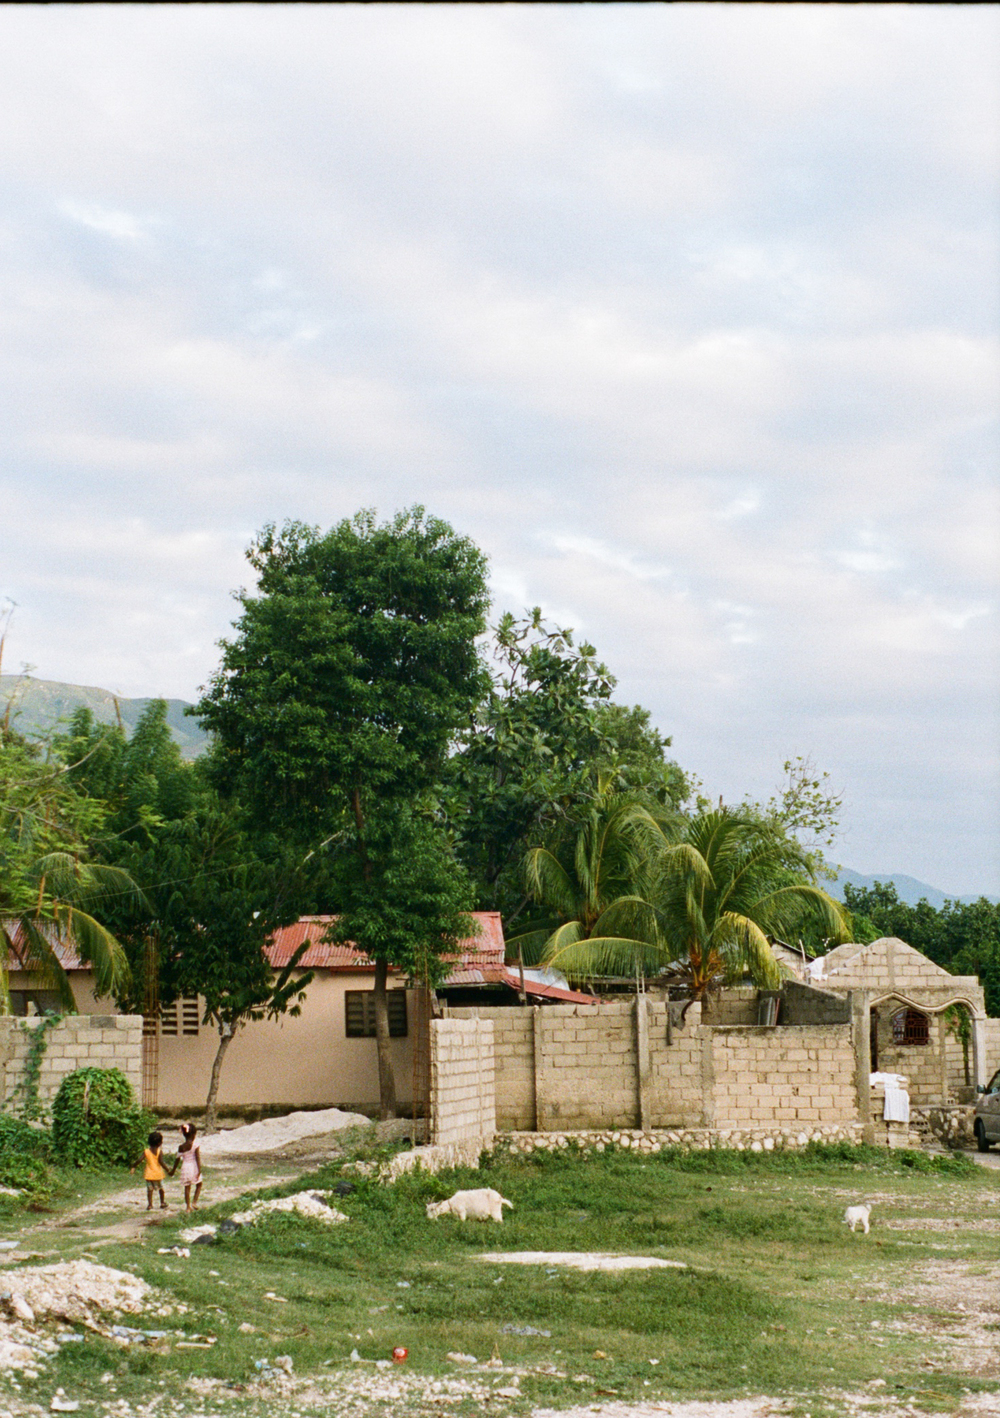 haiti061-759806010025.jpg